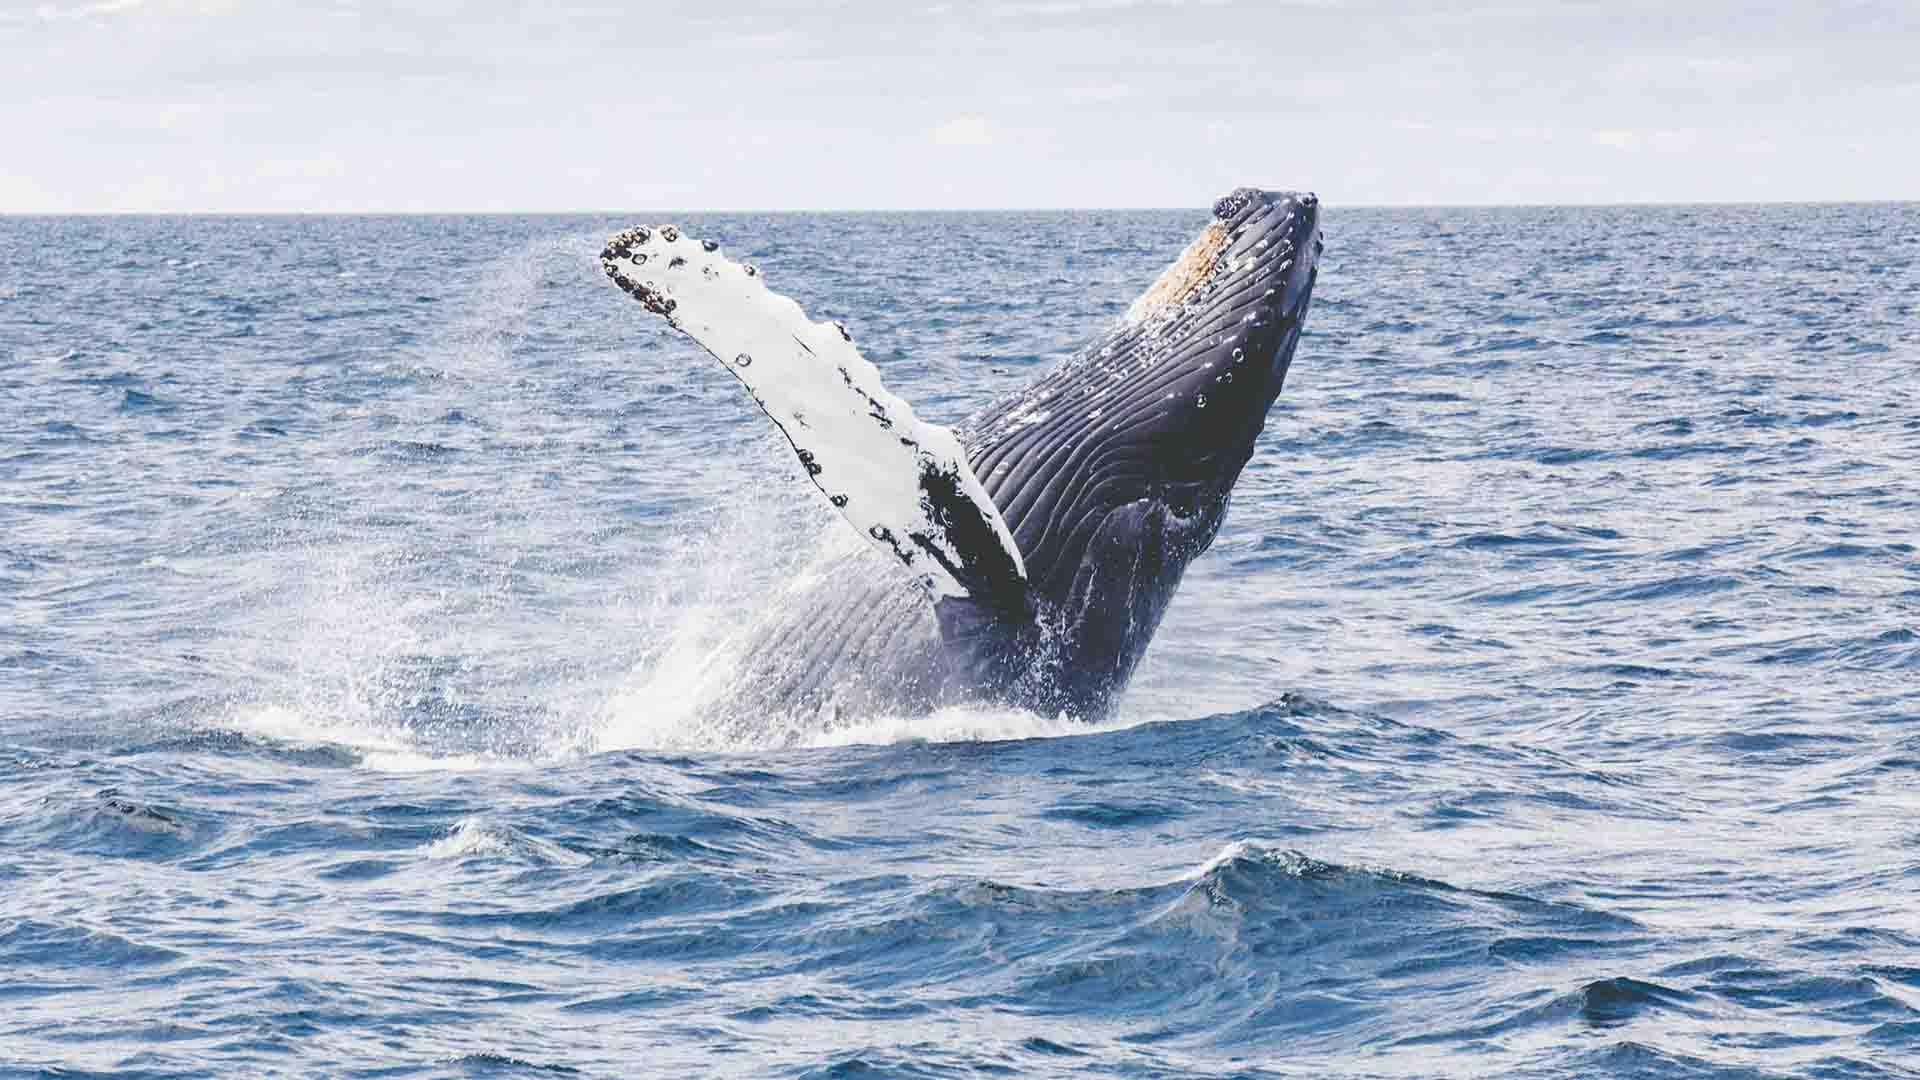 La caccia alla balena è stata un